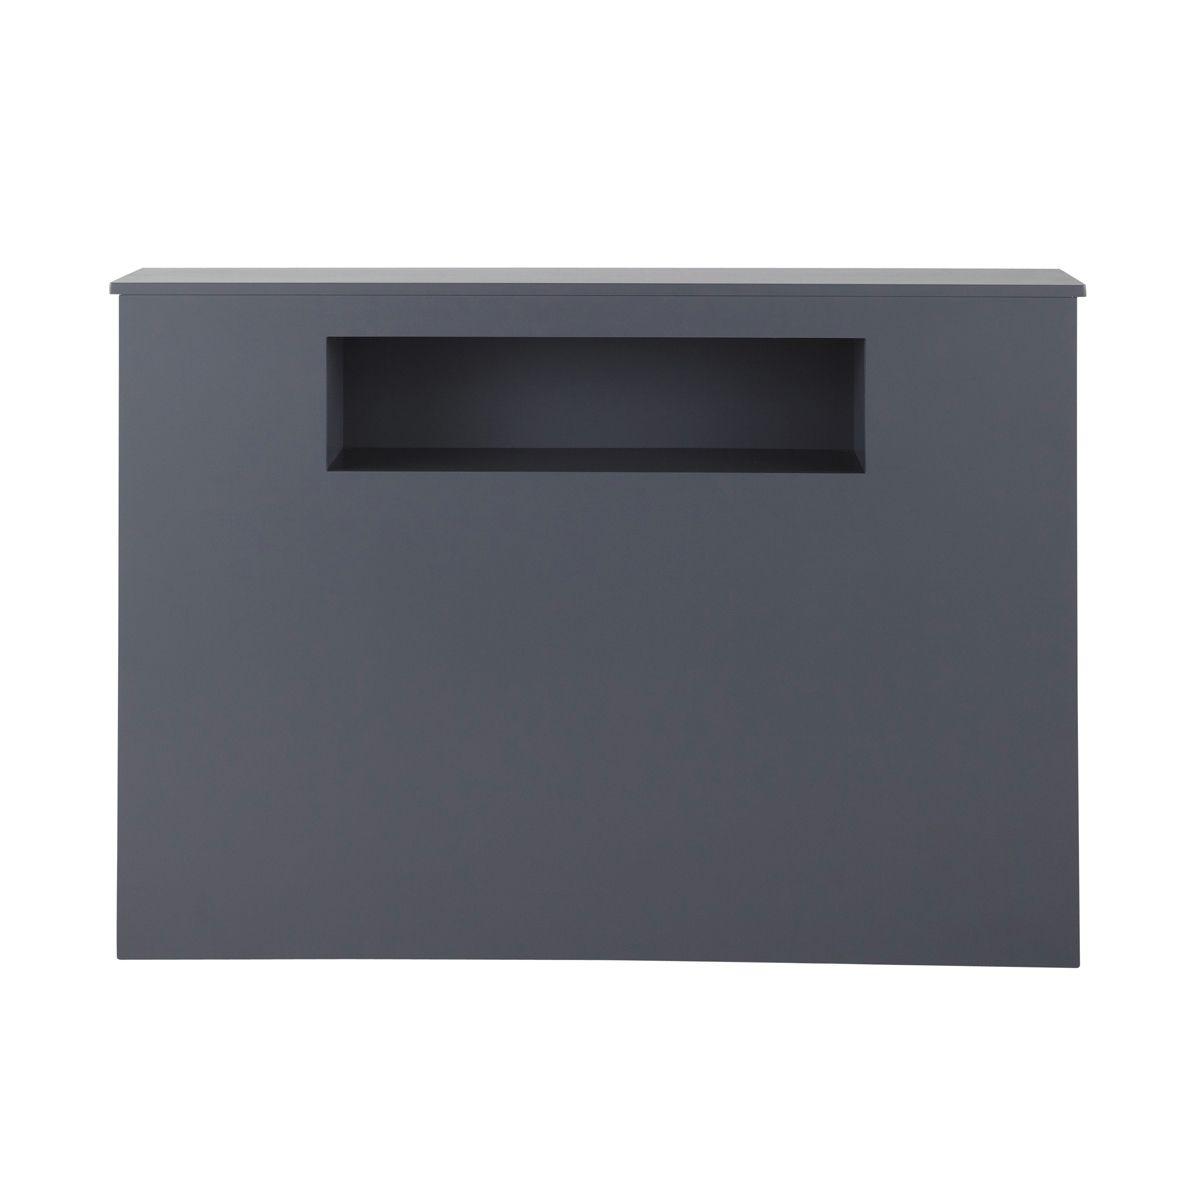 t te de lit grise l 140 cm t tes de lit en bois lit en bois et bois gris. Black Bedroom Furniture Sets. Home Design Ideas